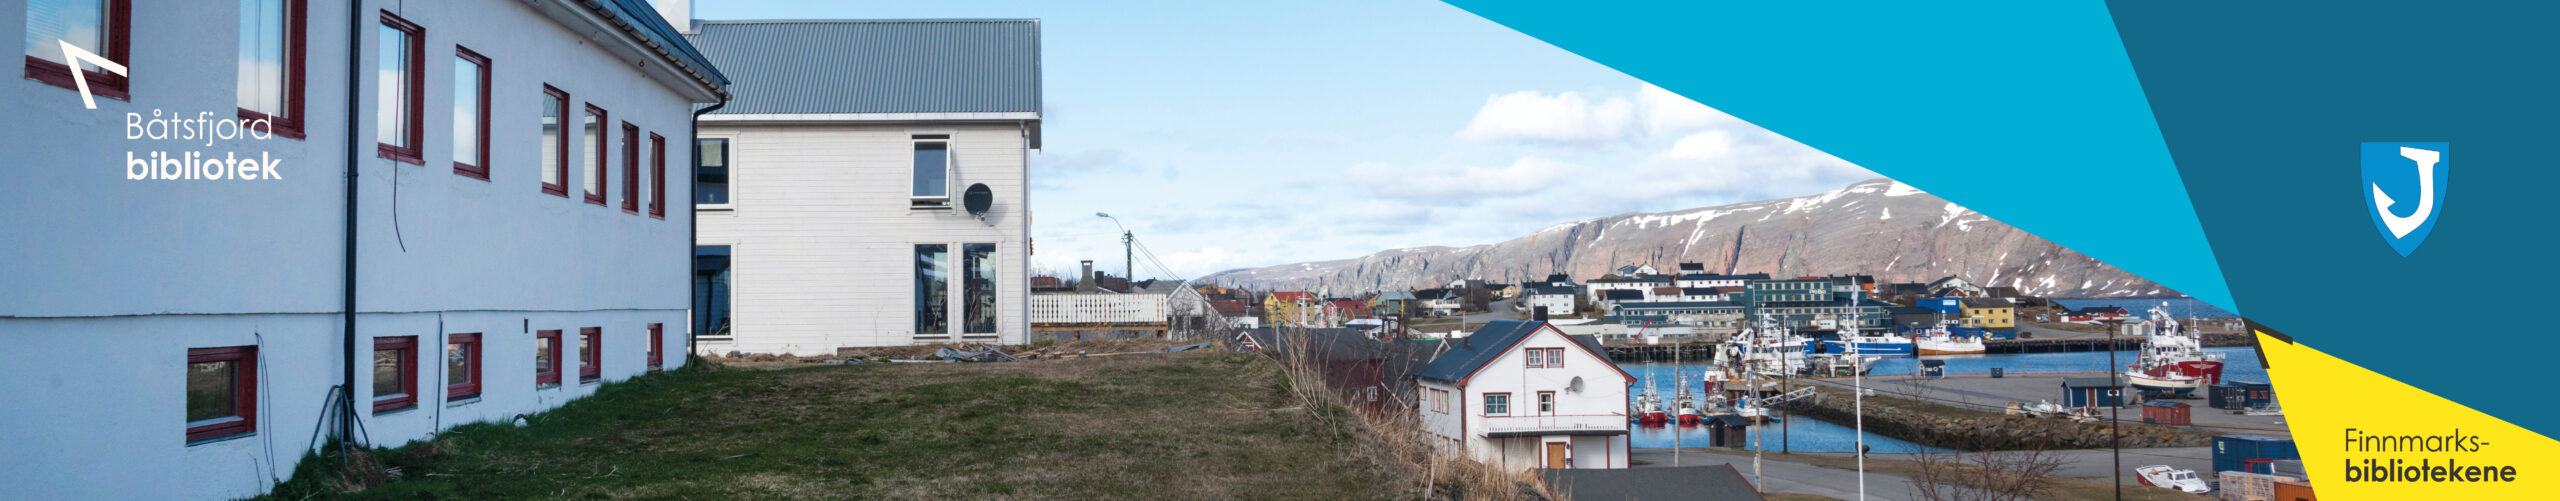 Tor Hauge sitter på hekken til en pram i Vadsø havn